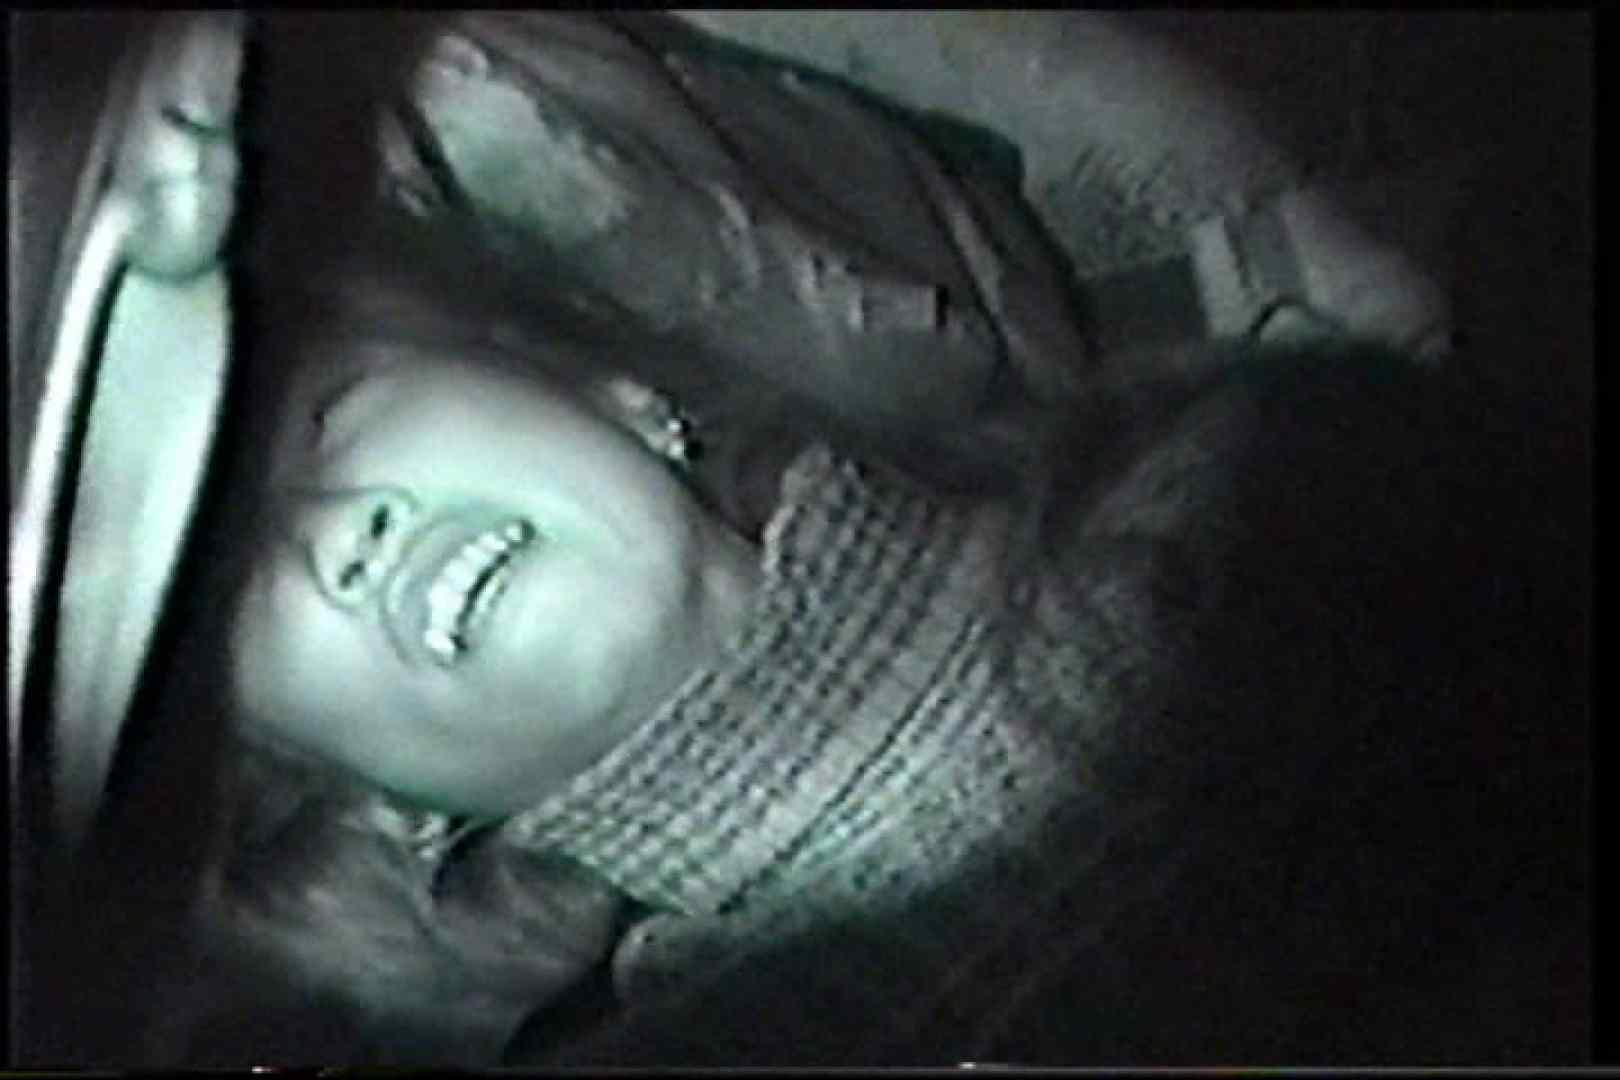 充血監督の深夜の運動会Vol.214 後編. OLの実態 隠し撮りすけべAV動画紹介 51pic 37